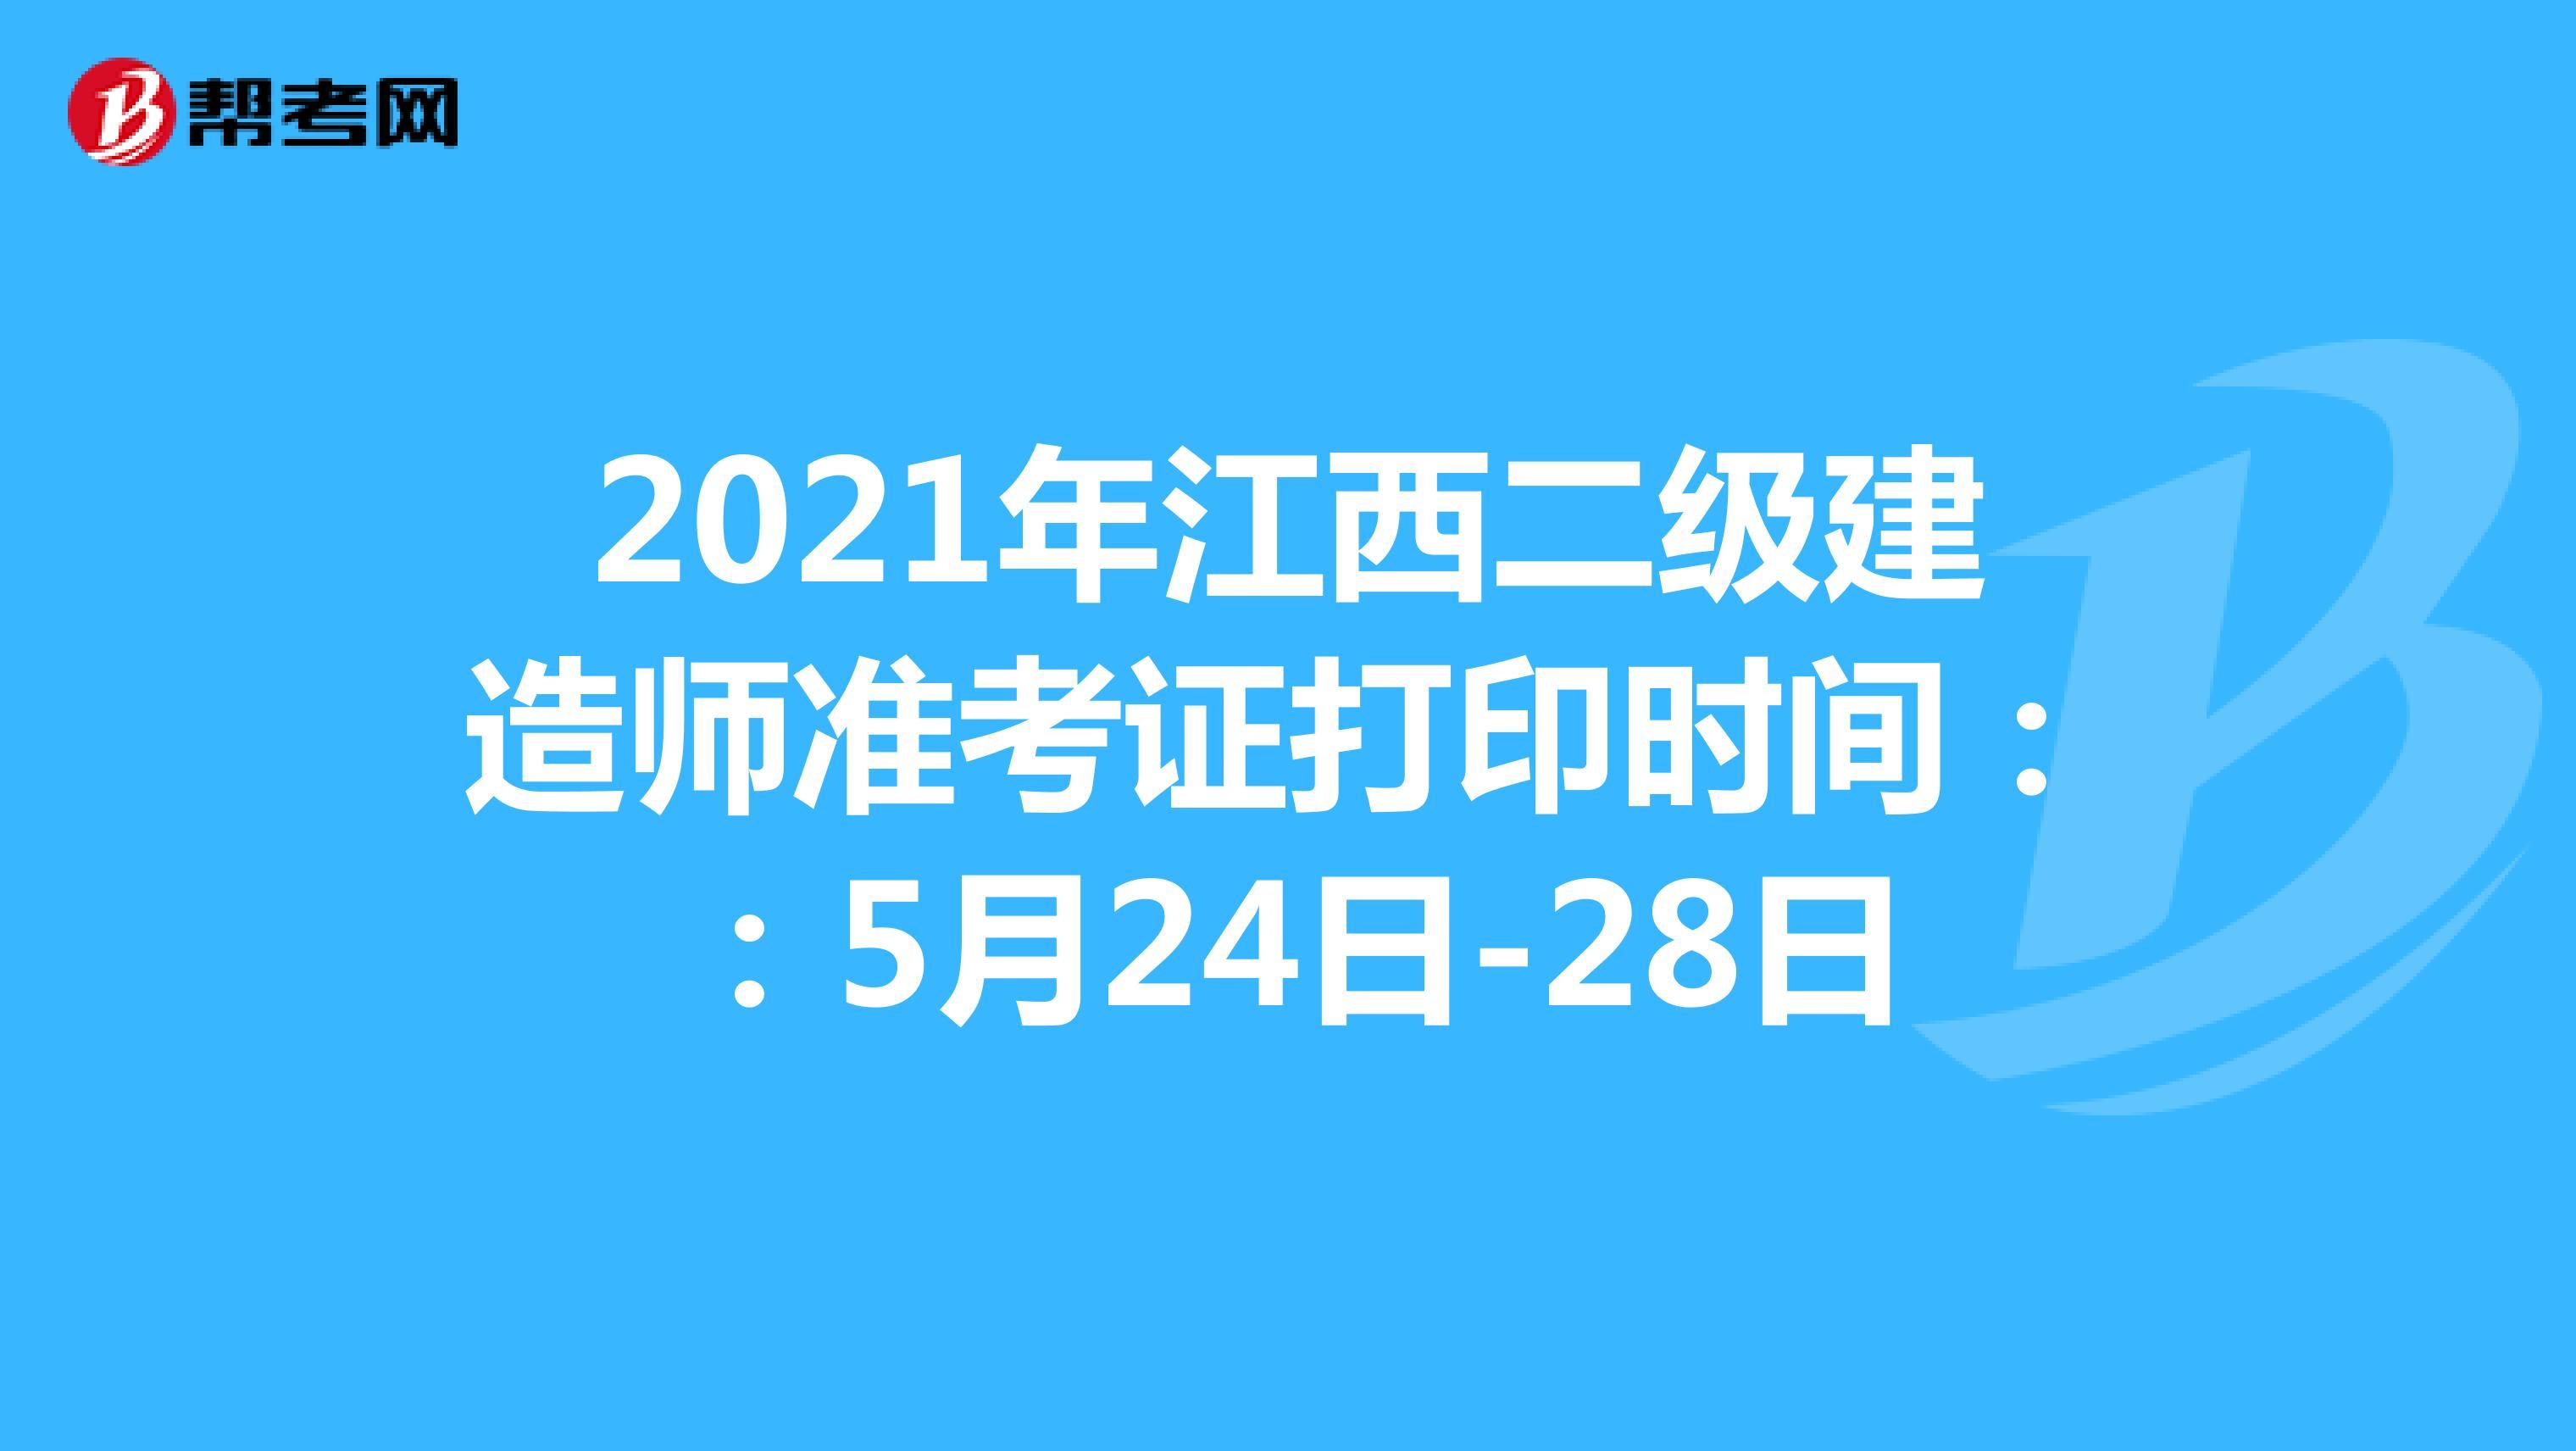 2021年江西二級建造師準考證打印時間::5月24日-28日